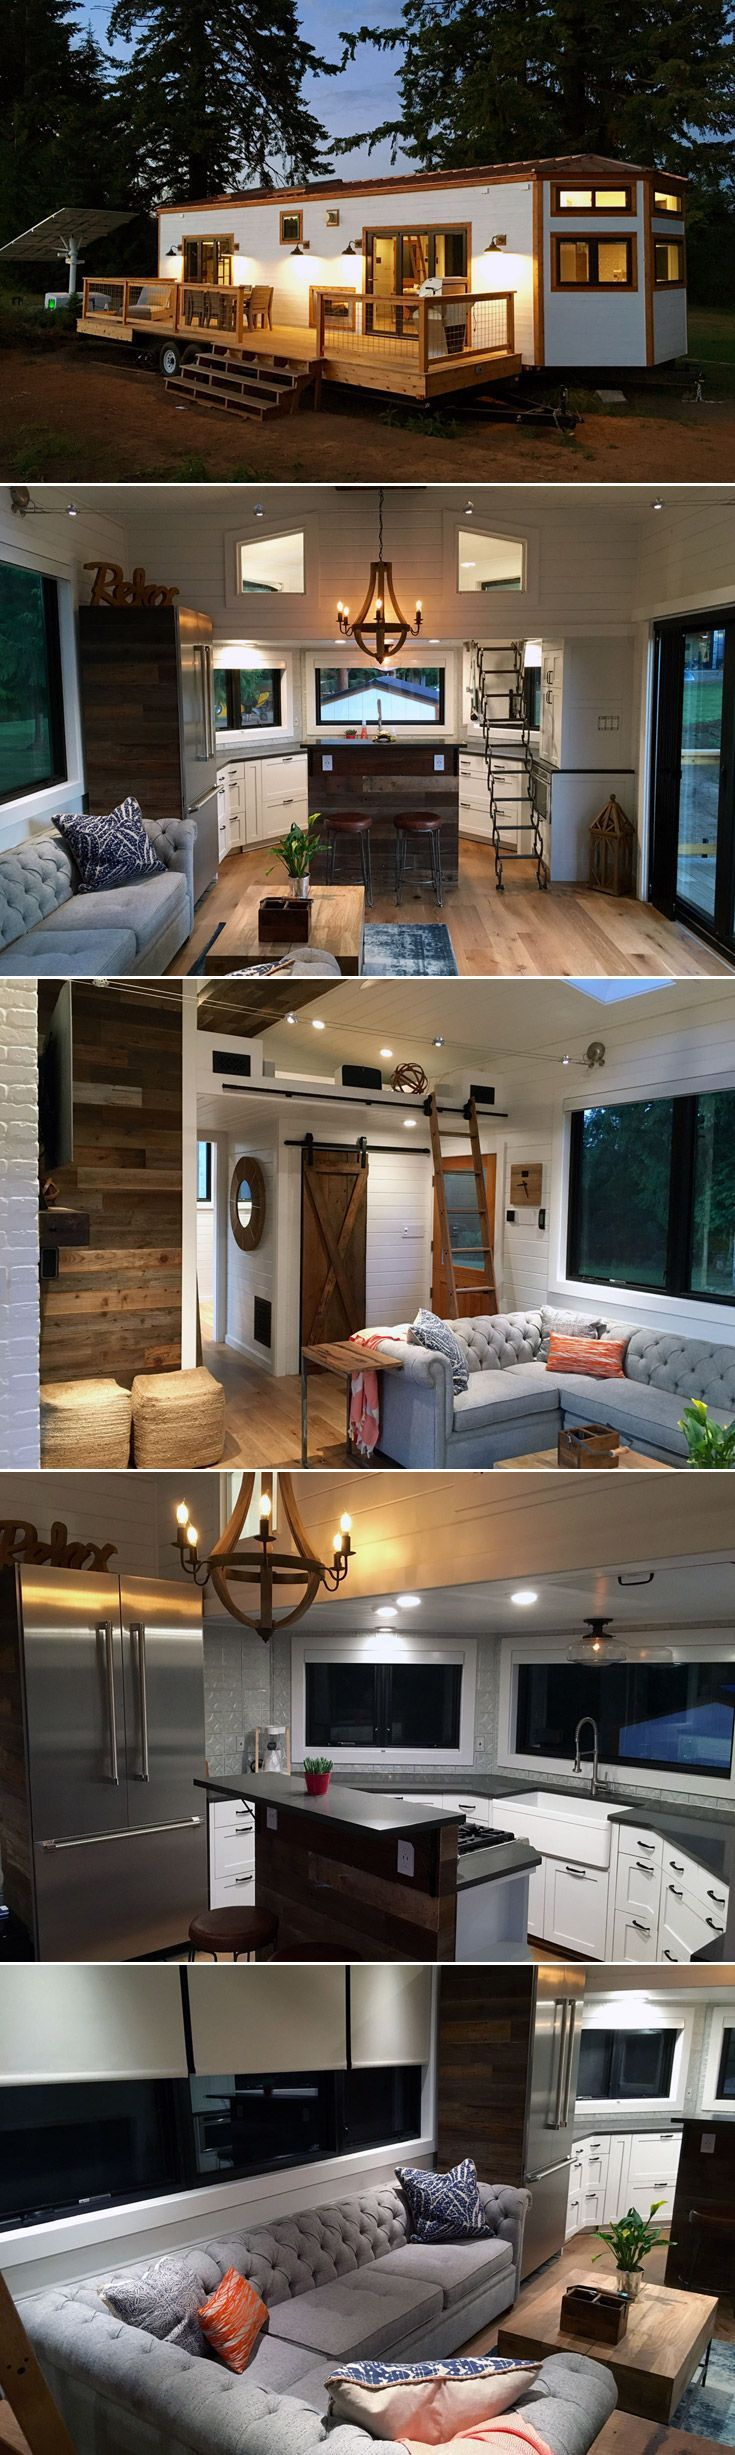 TINY HOUSE DESIGN INSPIRATION NO 25